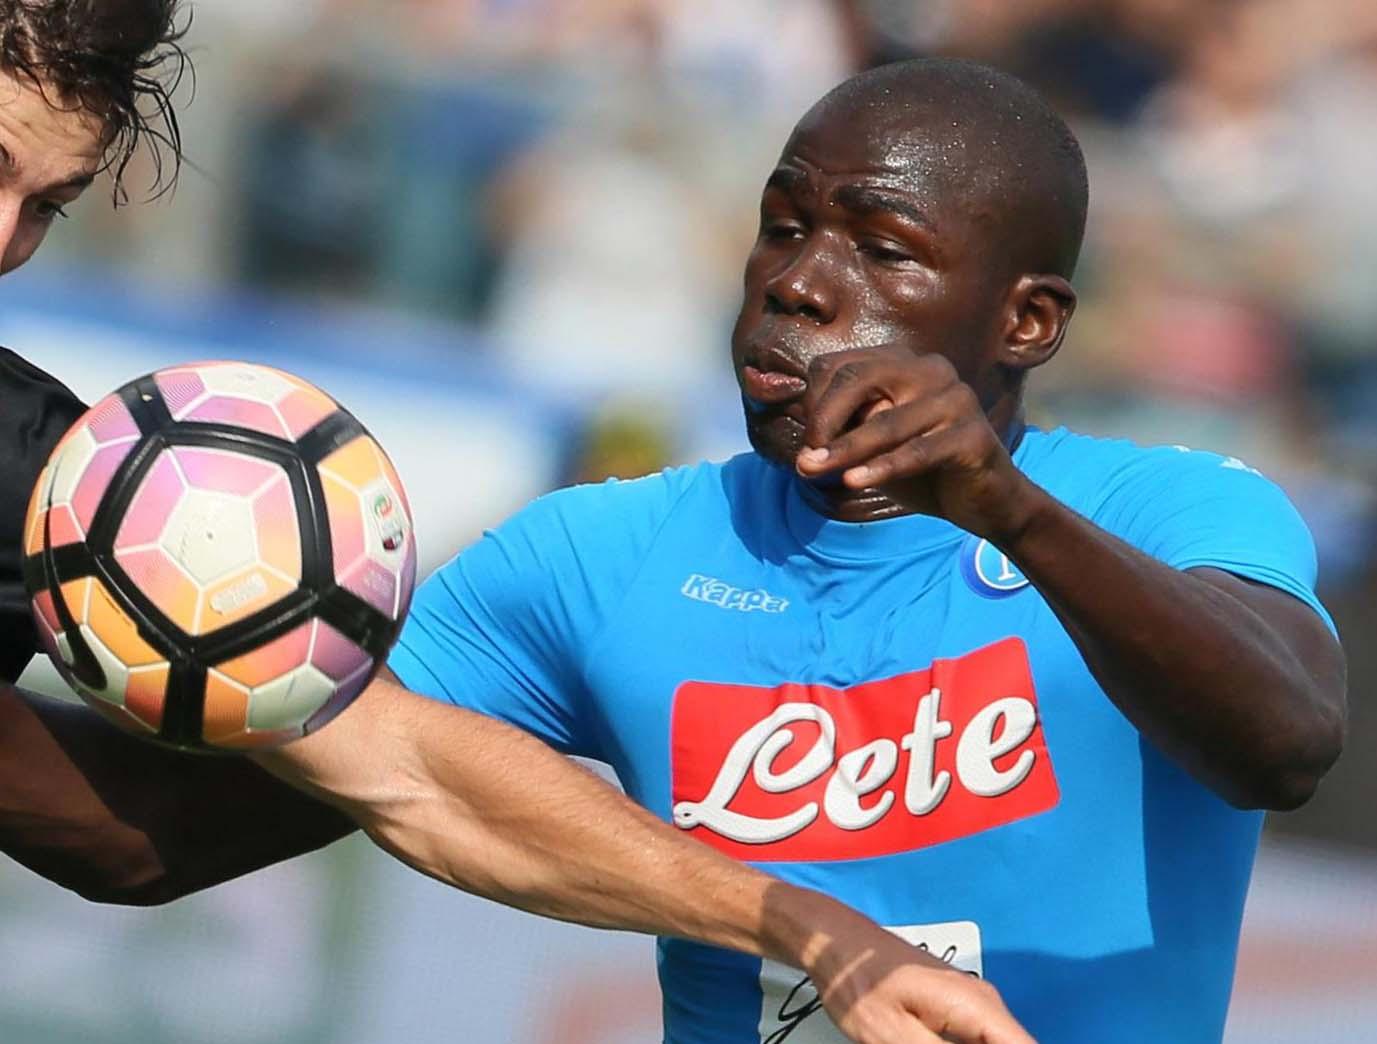 Calcio: Napoli senza Koulibaly, respinto il ricorso. Tra squalifiche e infortuni è emergenza con la Lazio